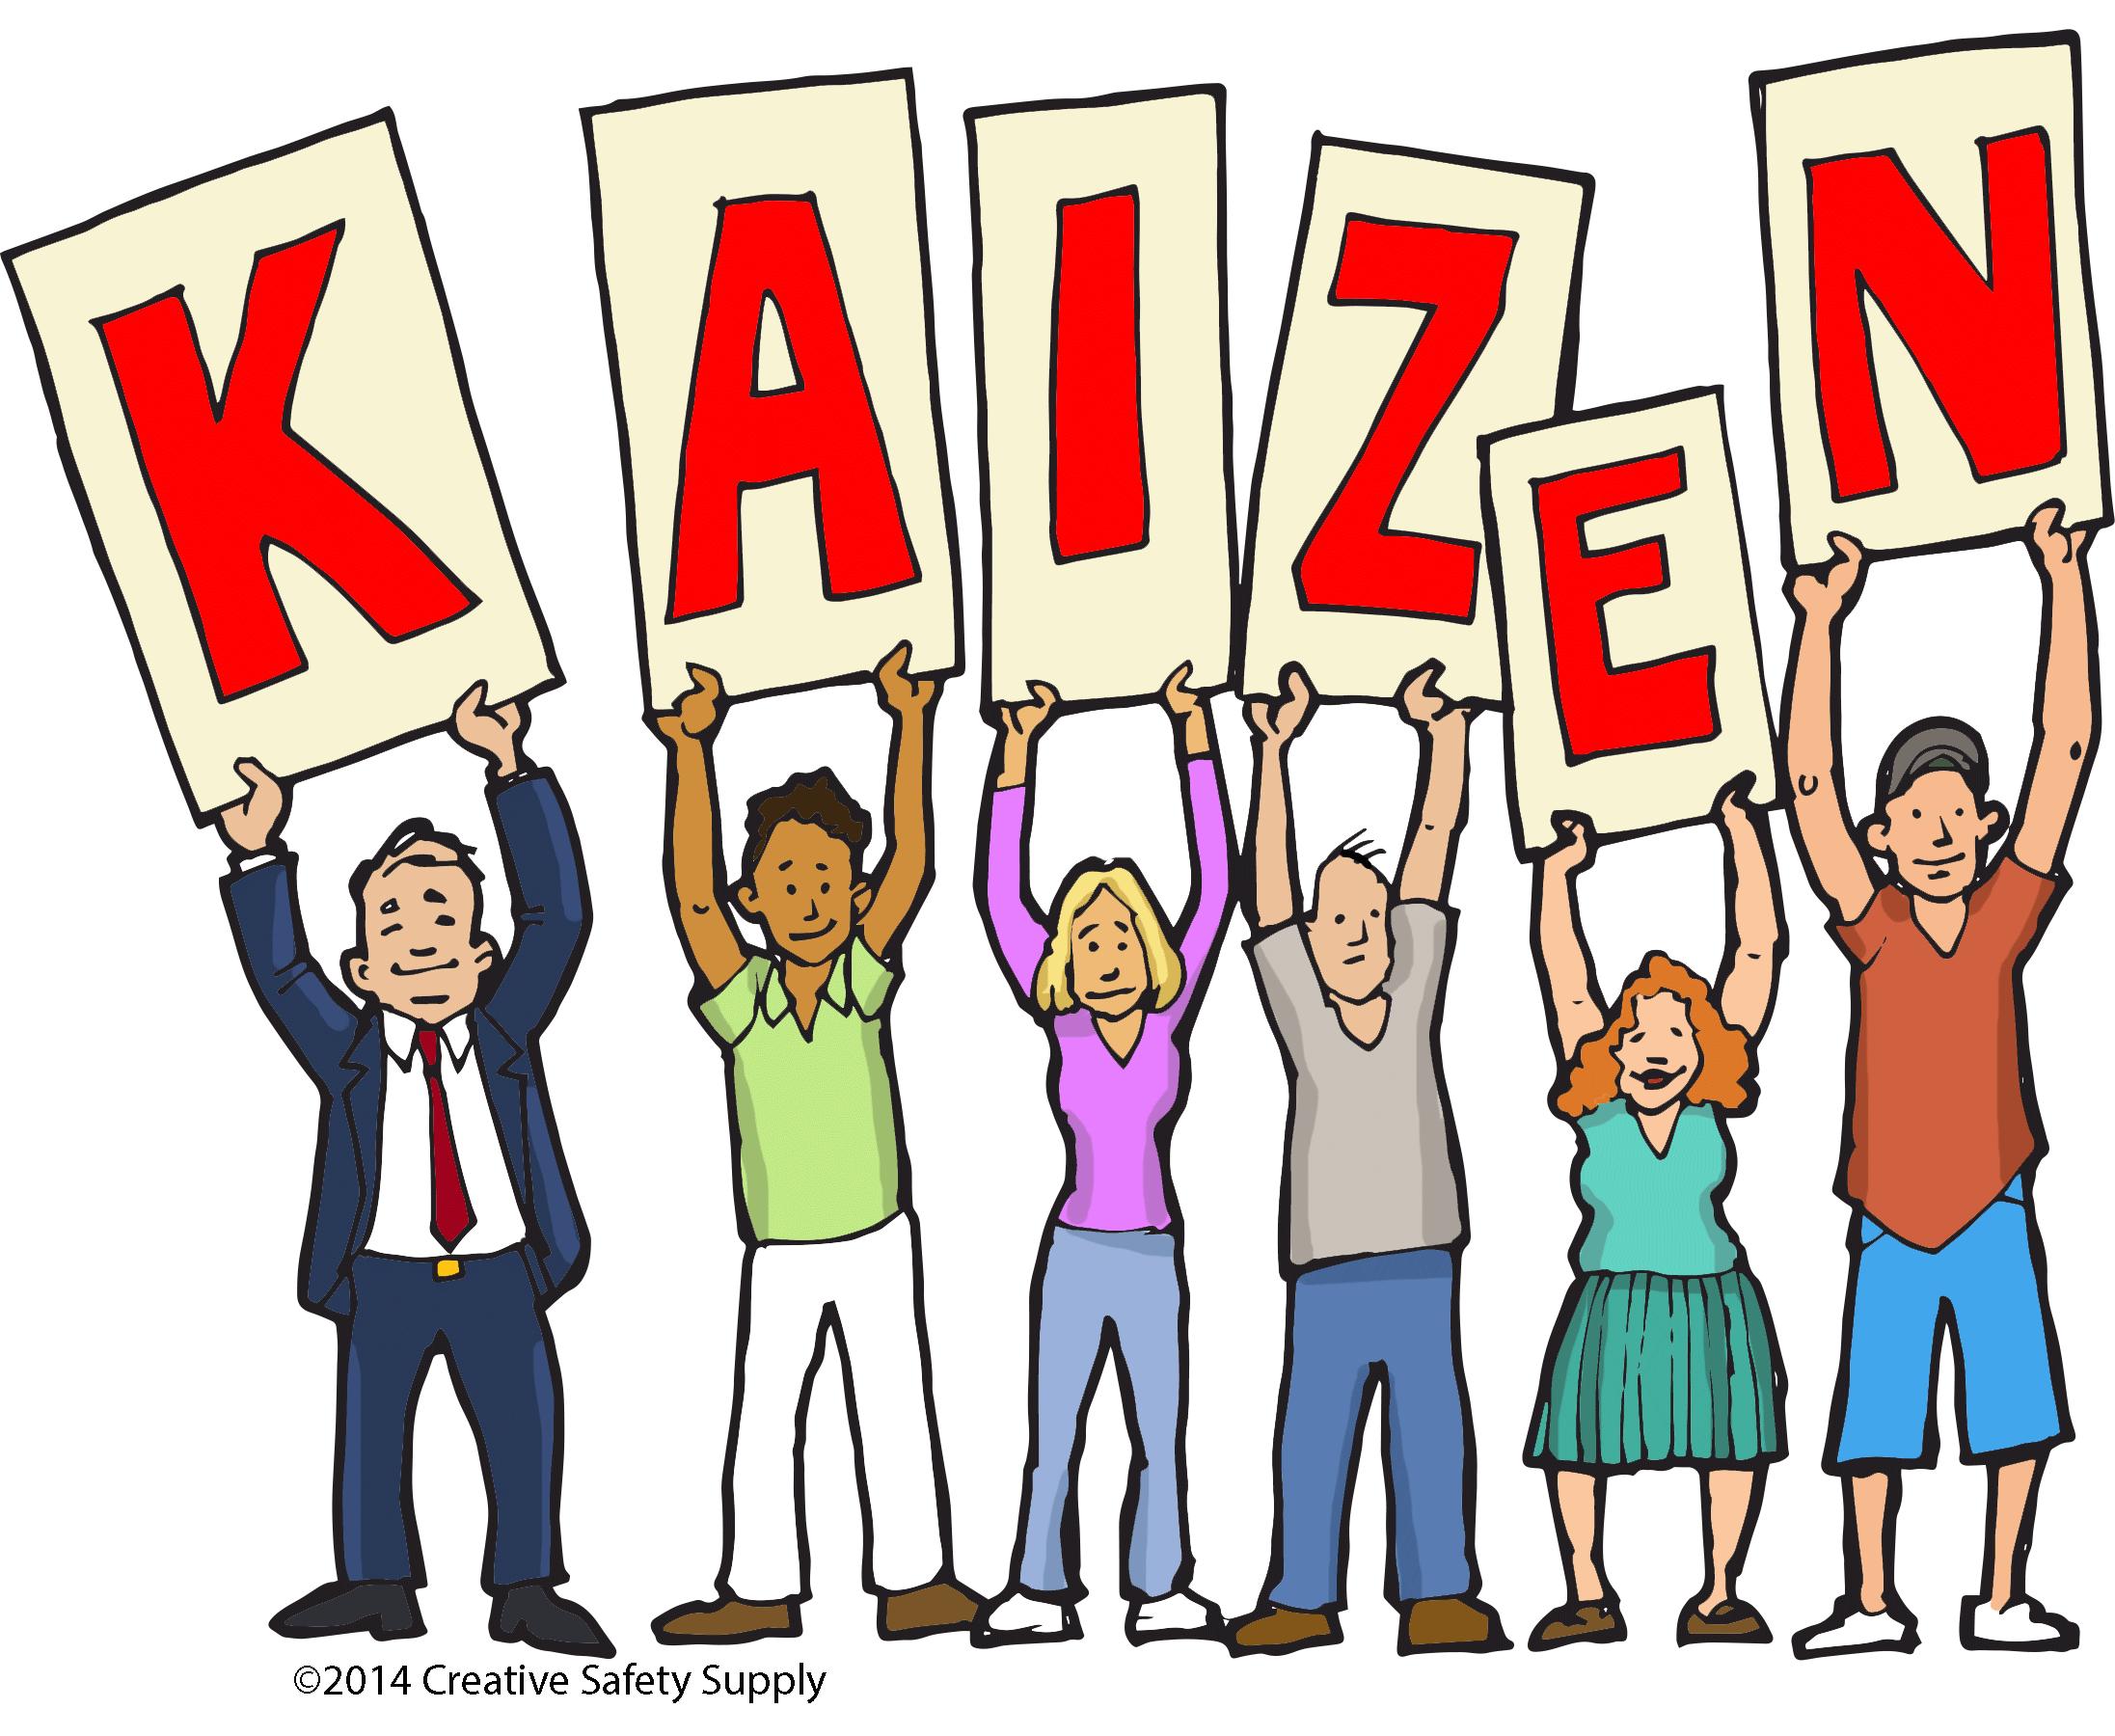 Năng suất chất lượng: Kaizen giúp tăng trưởng dài hạn